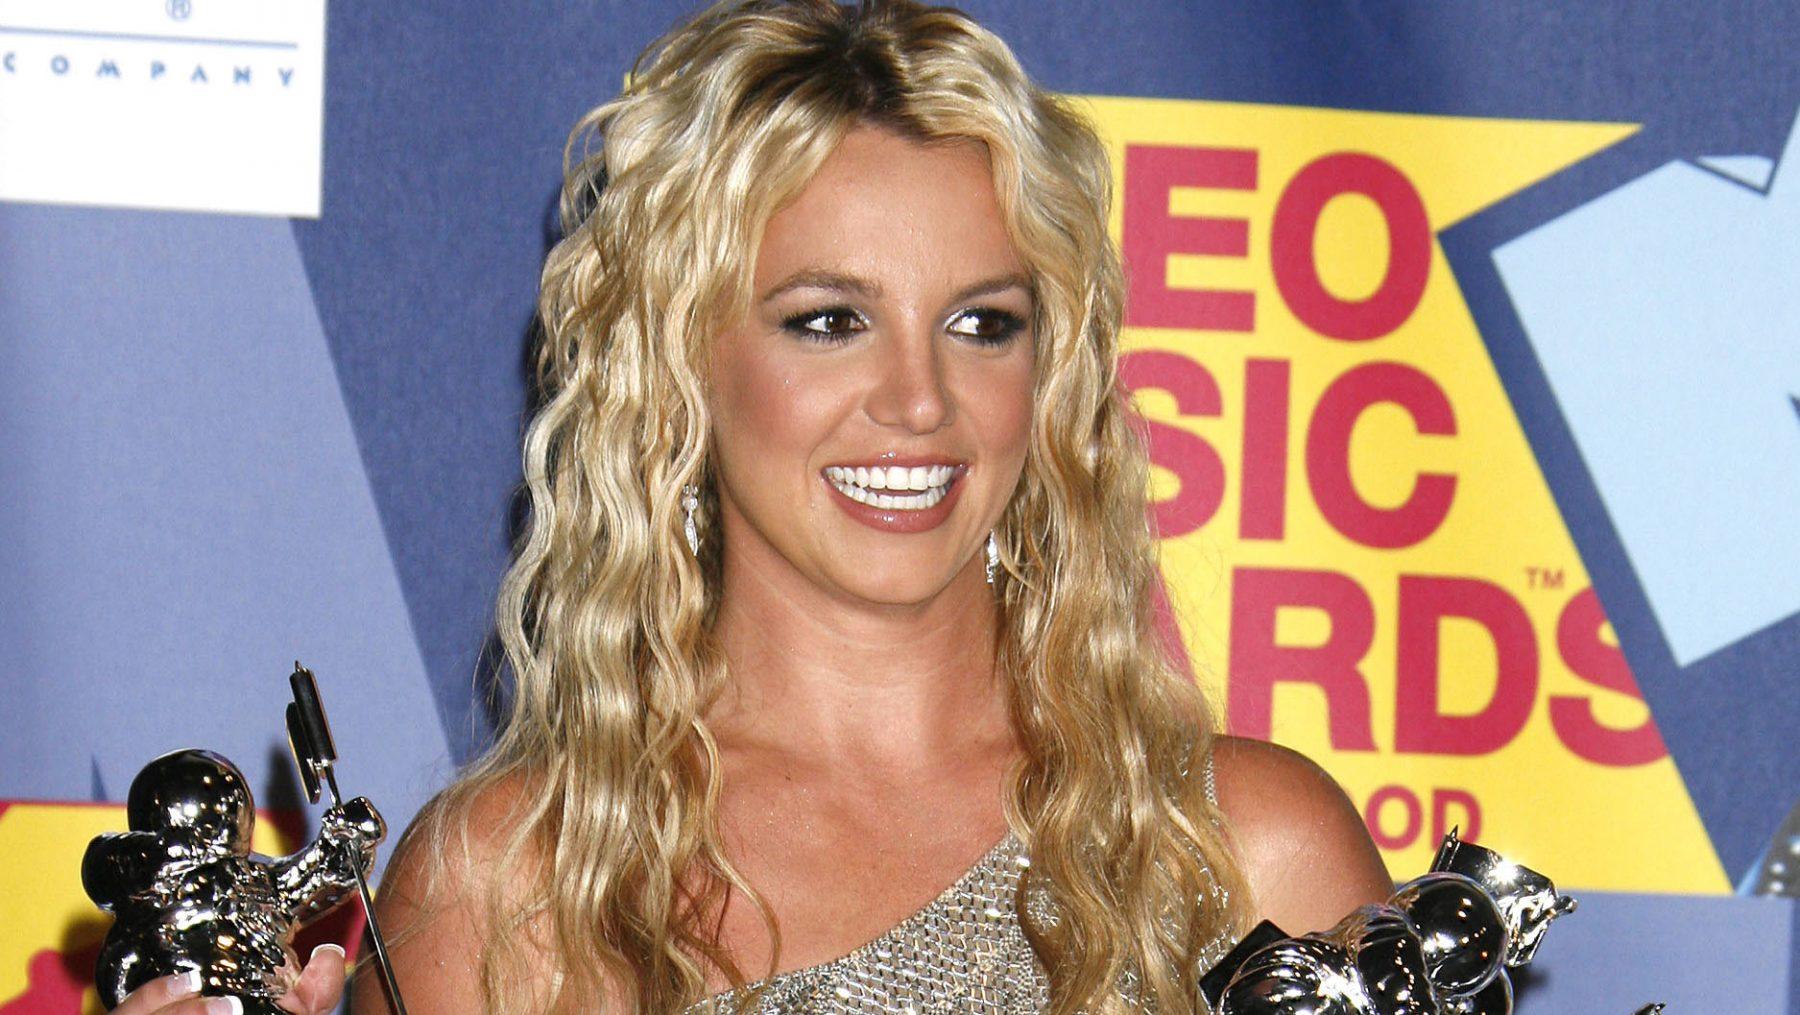 'Baby One More Time' kwam twintig jaar geleden uit, en daarom: 20 x Britney door de jaren heen